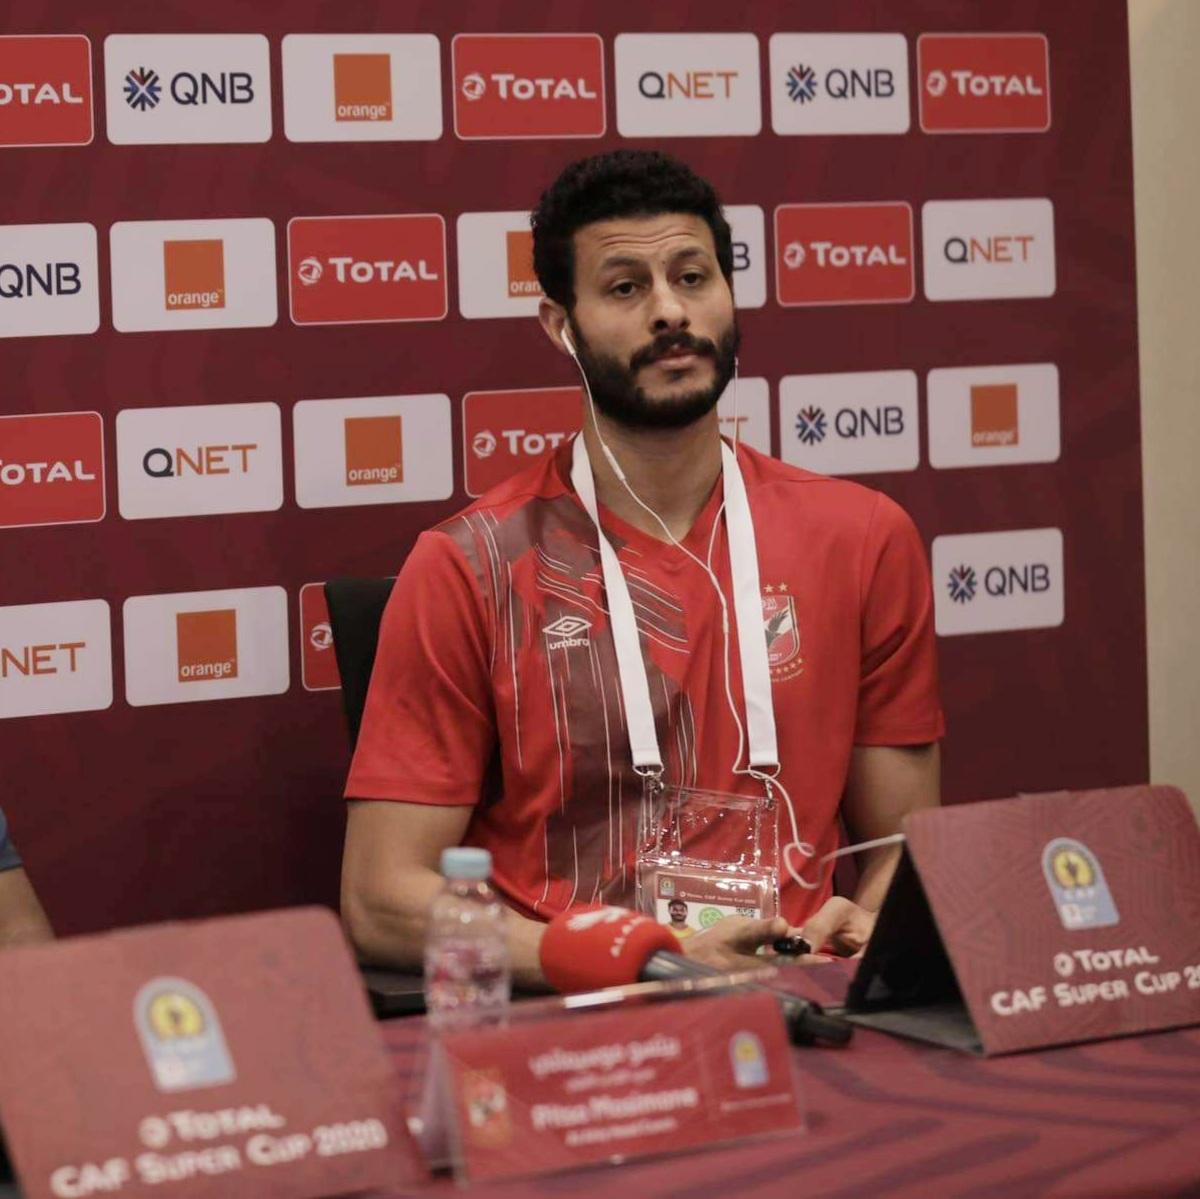 محمد الشناوي - المؤتمر الصحفي